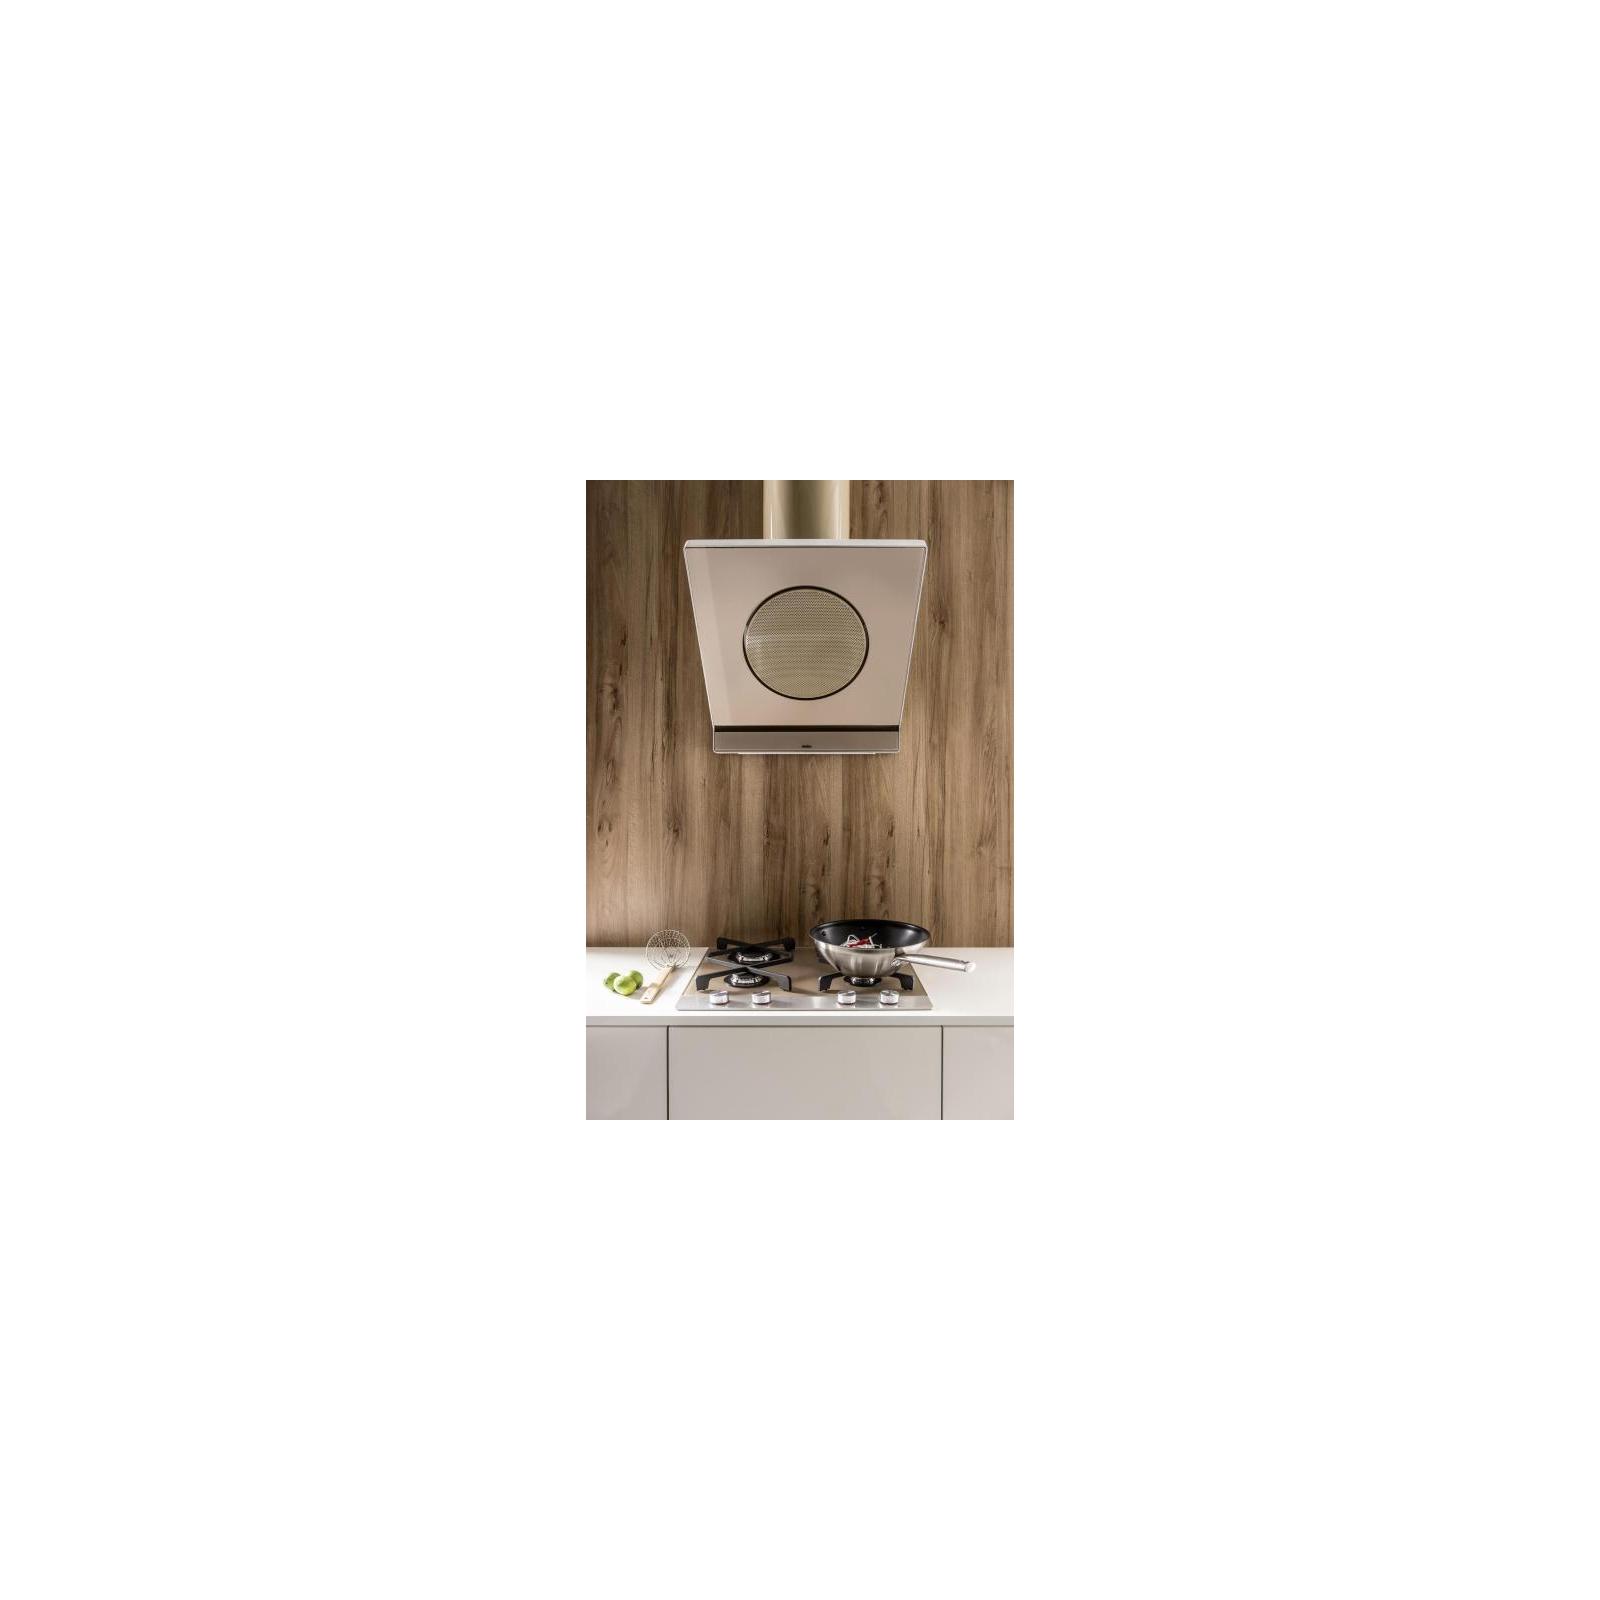 Вытяжка кухонная Hansa OKC IN 600 MS EU изображение 2